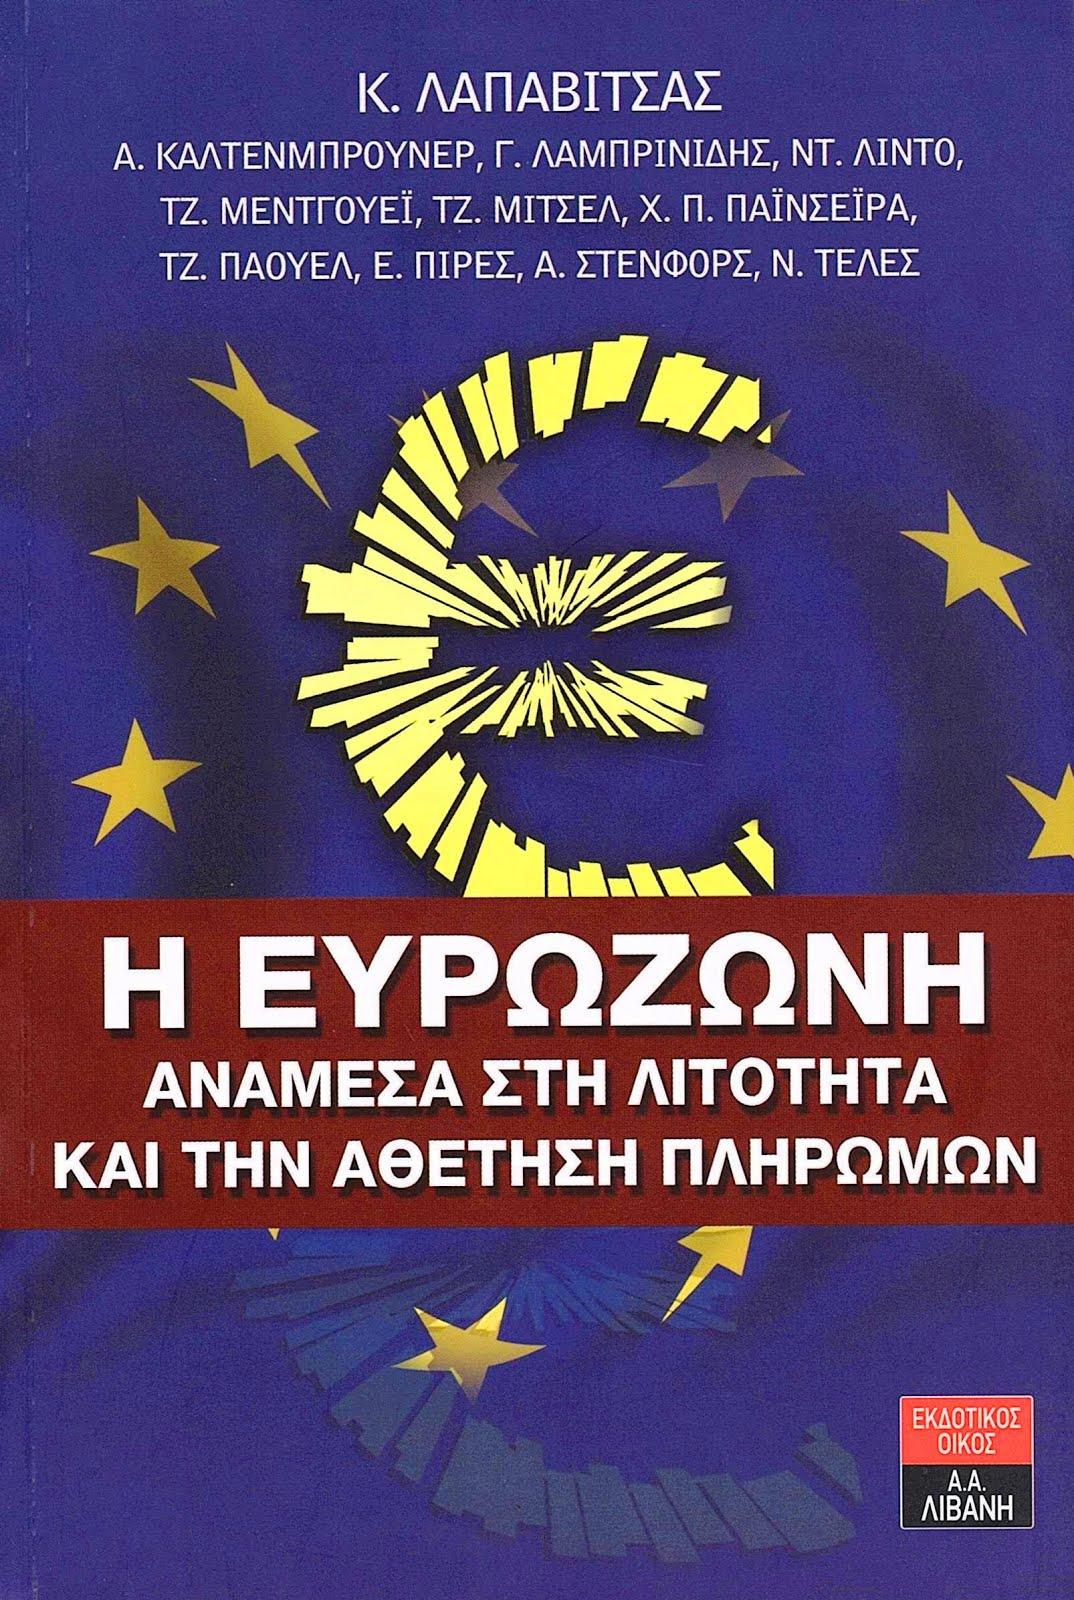 Η Ευρωζώνη ανάμεσα στη λιτότητα και την αθέτηση πληρωμών